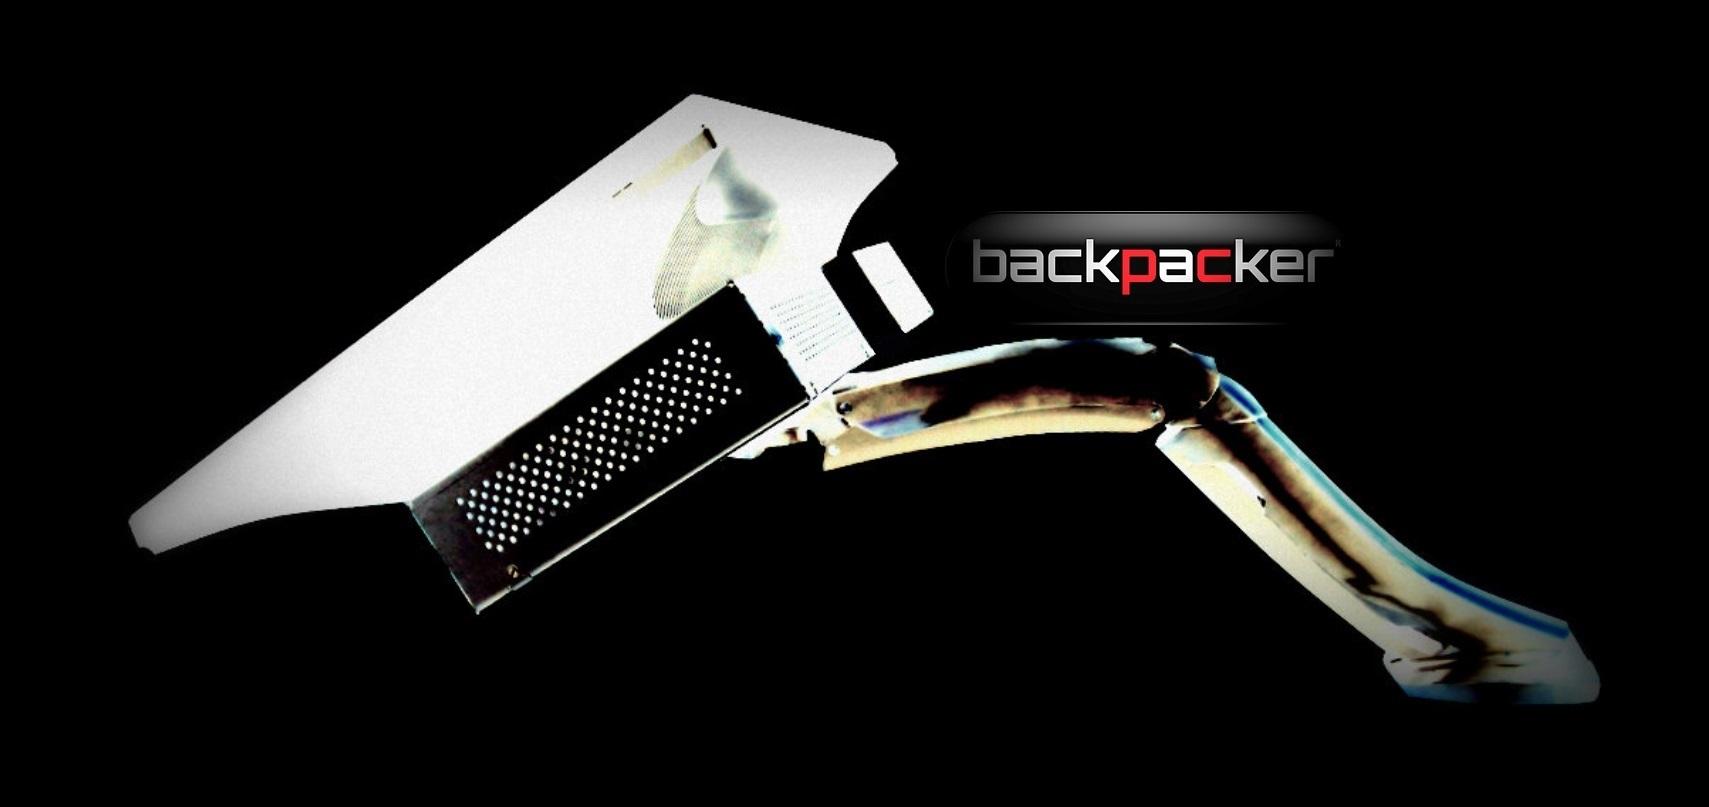 umwelt backpacker pc l sung der zukunft. Black Bedroom Furniture Sets. Home Design Ideas